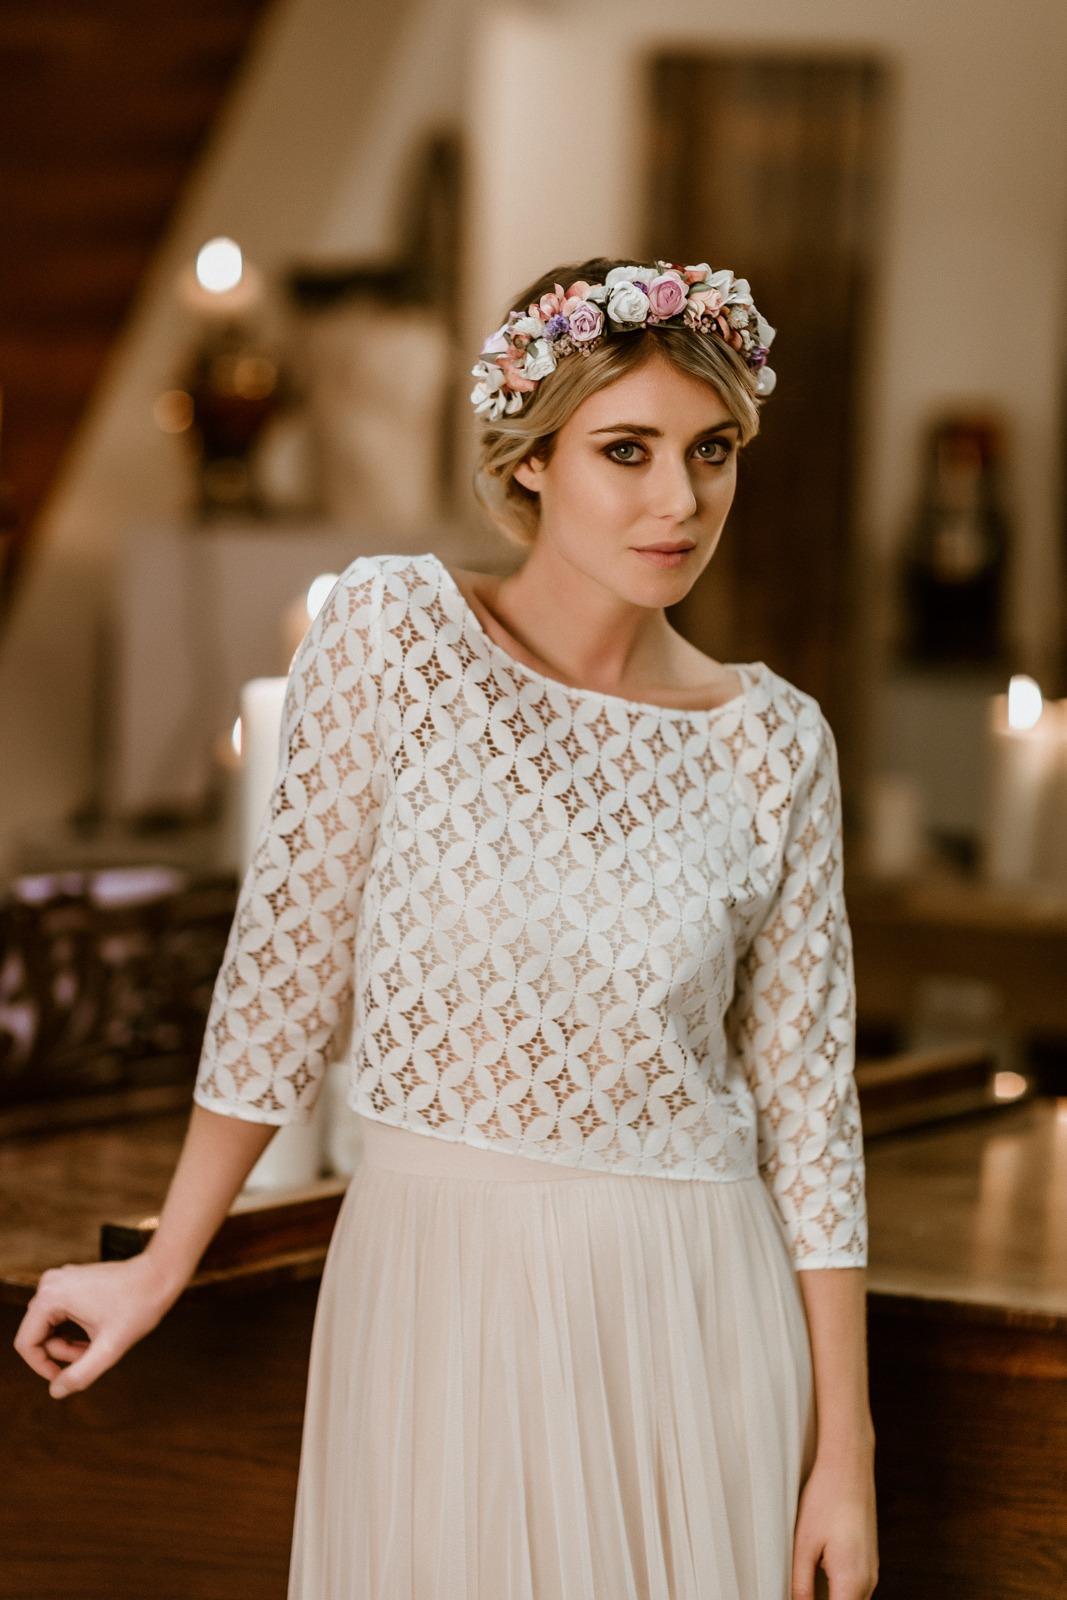 langes Brautkleid mit Tüllrock in Puderrosa und Spitzentop, Vorderansicht